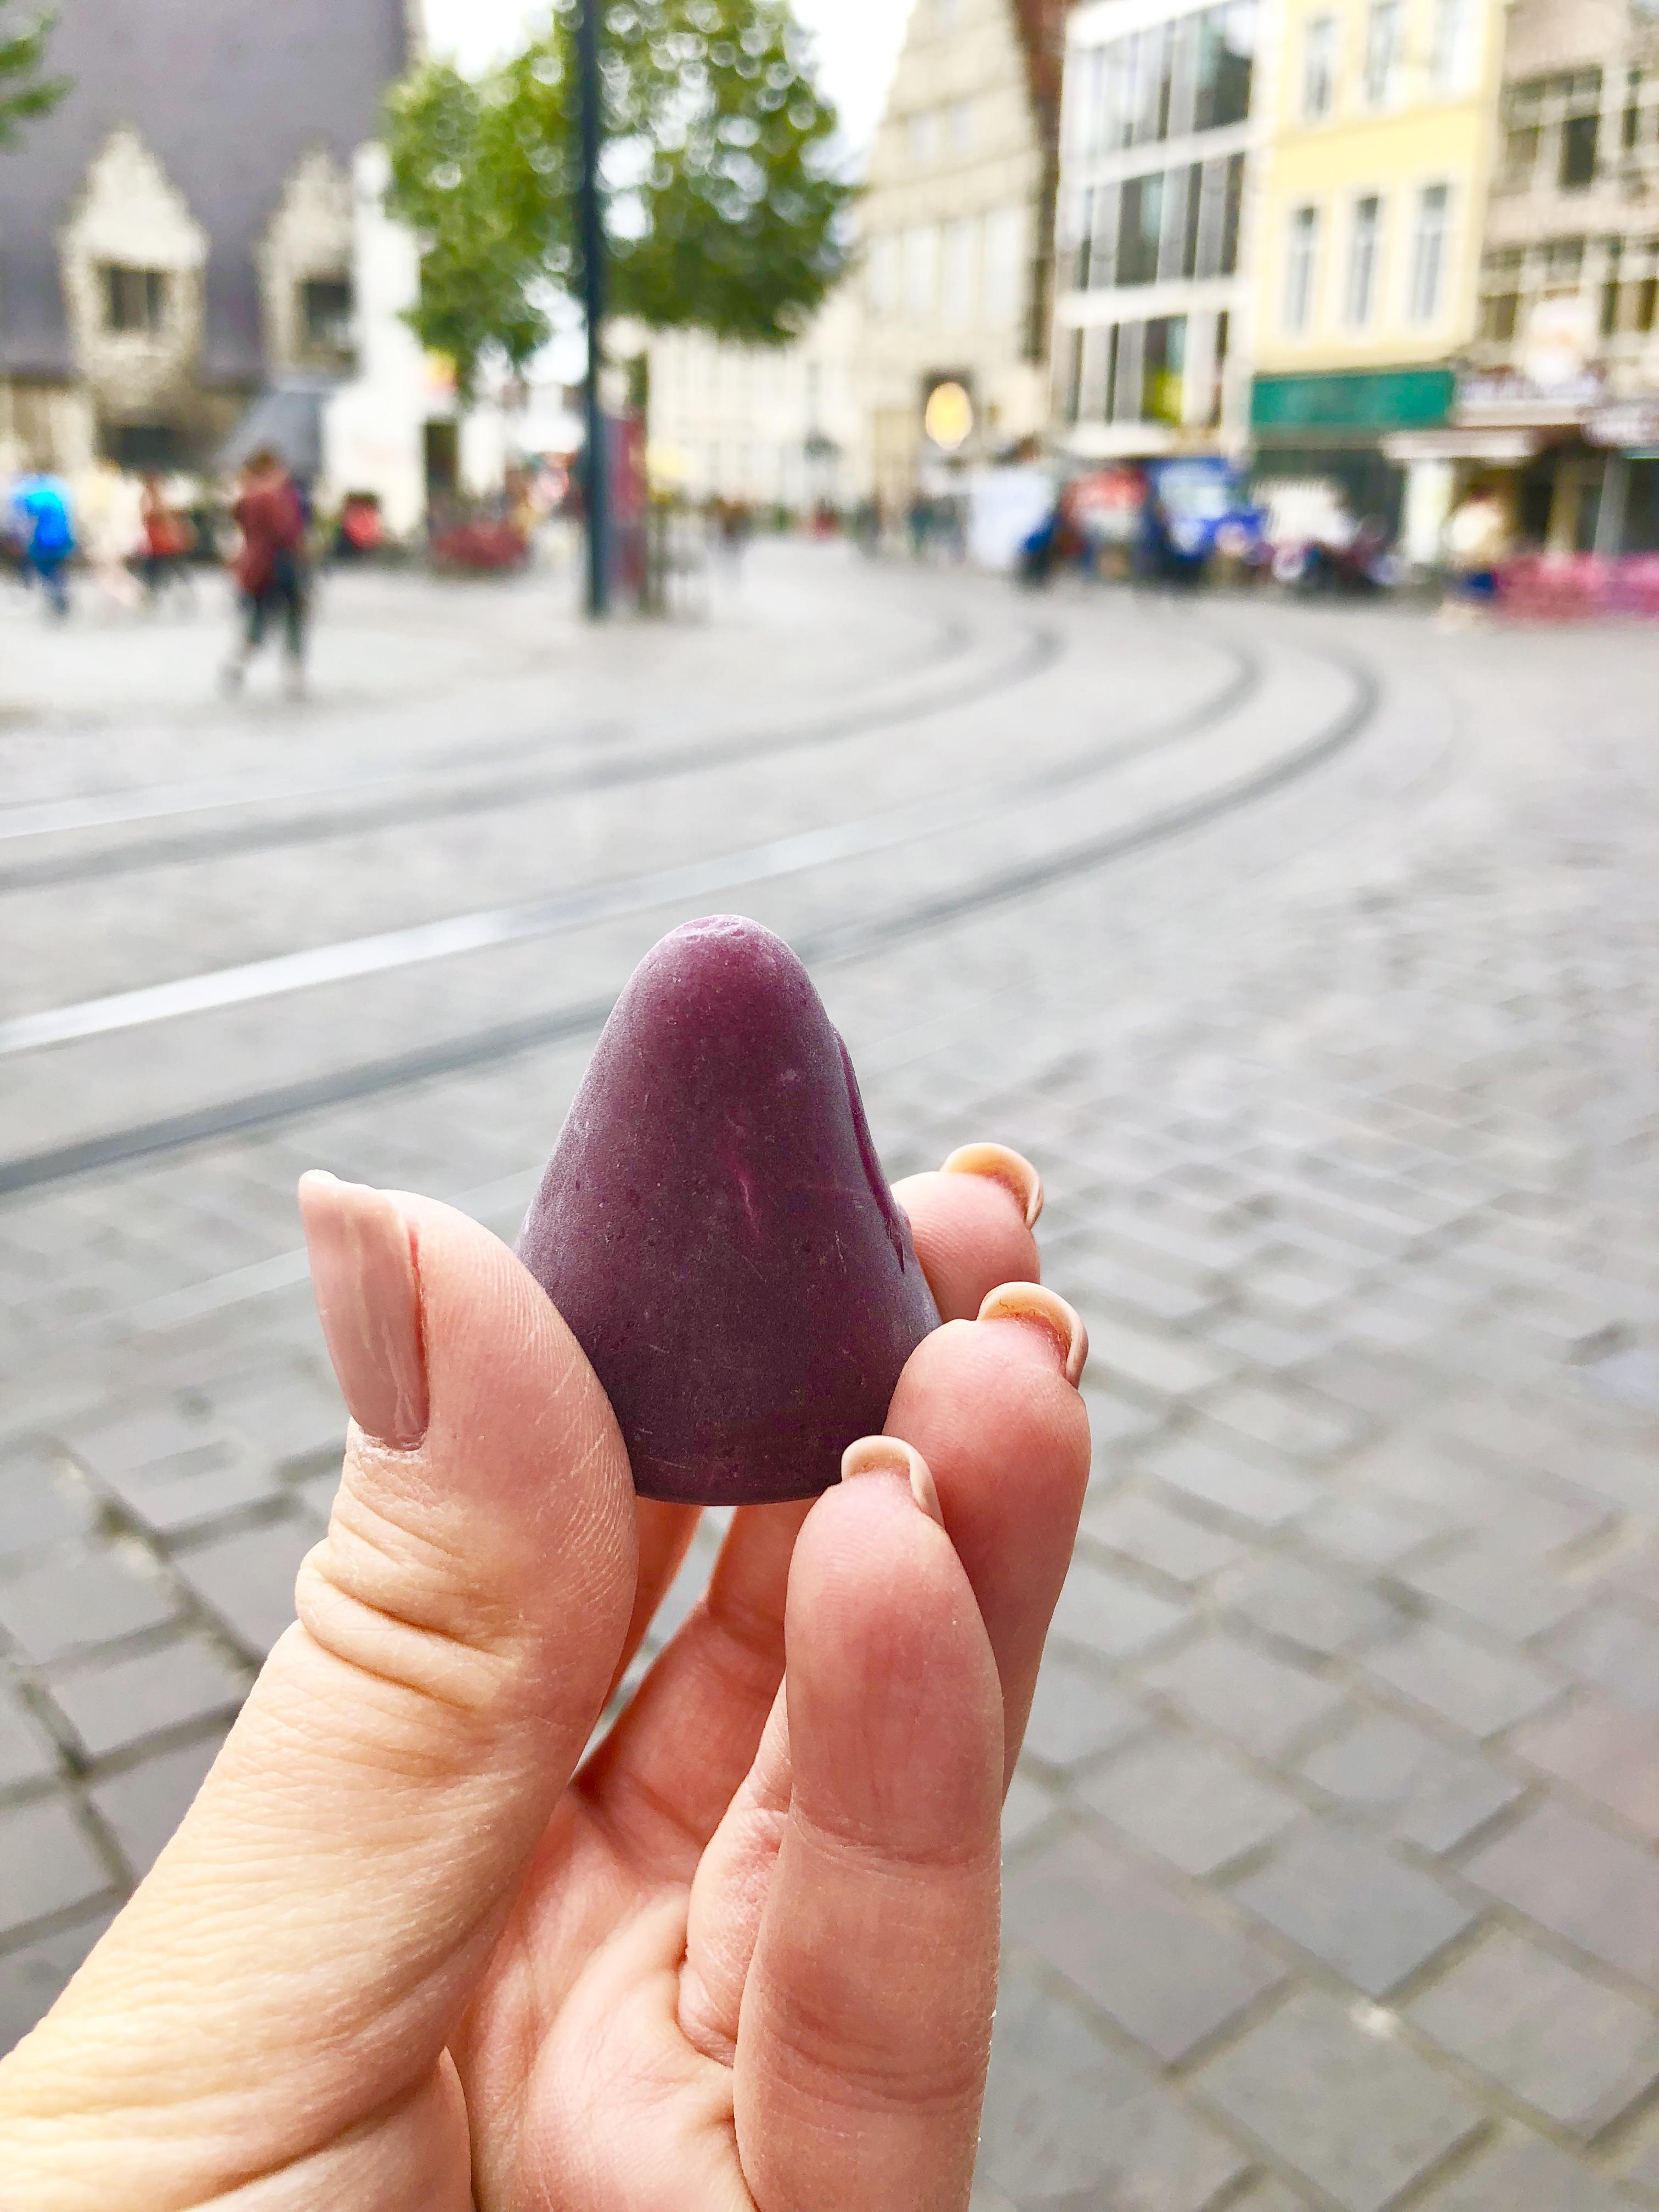 Cuberdon Ghent Belgium